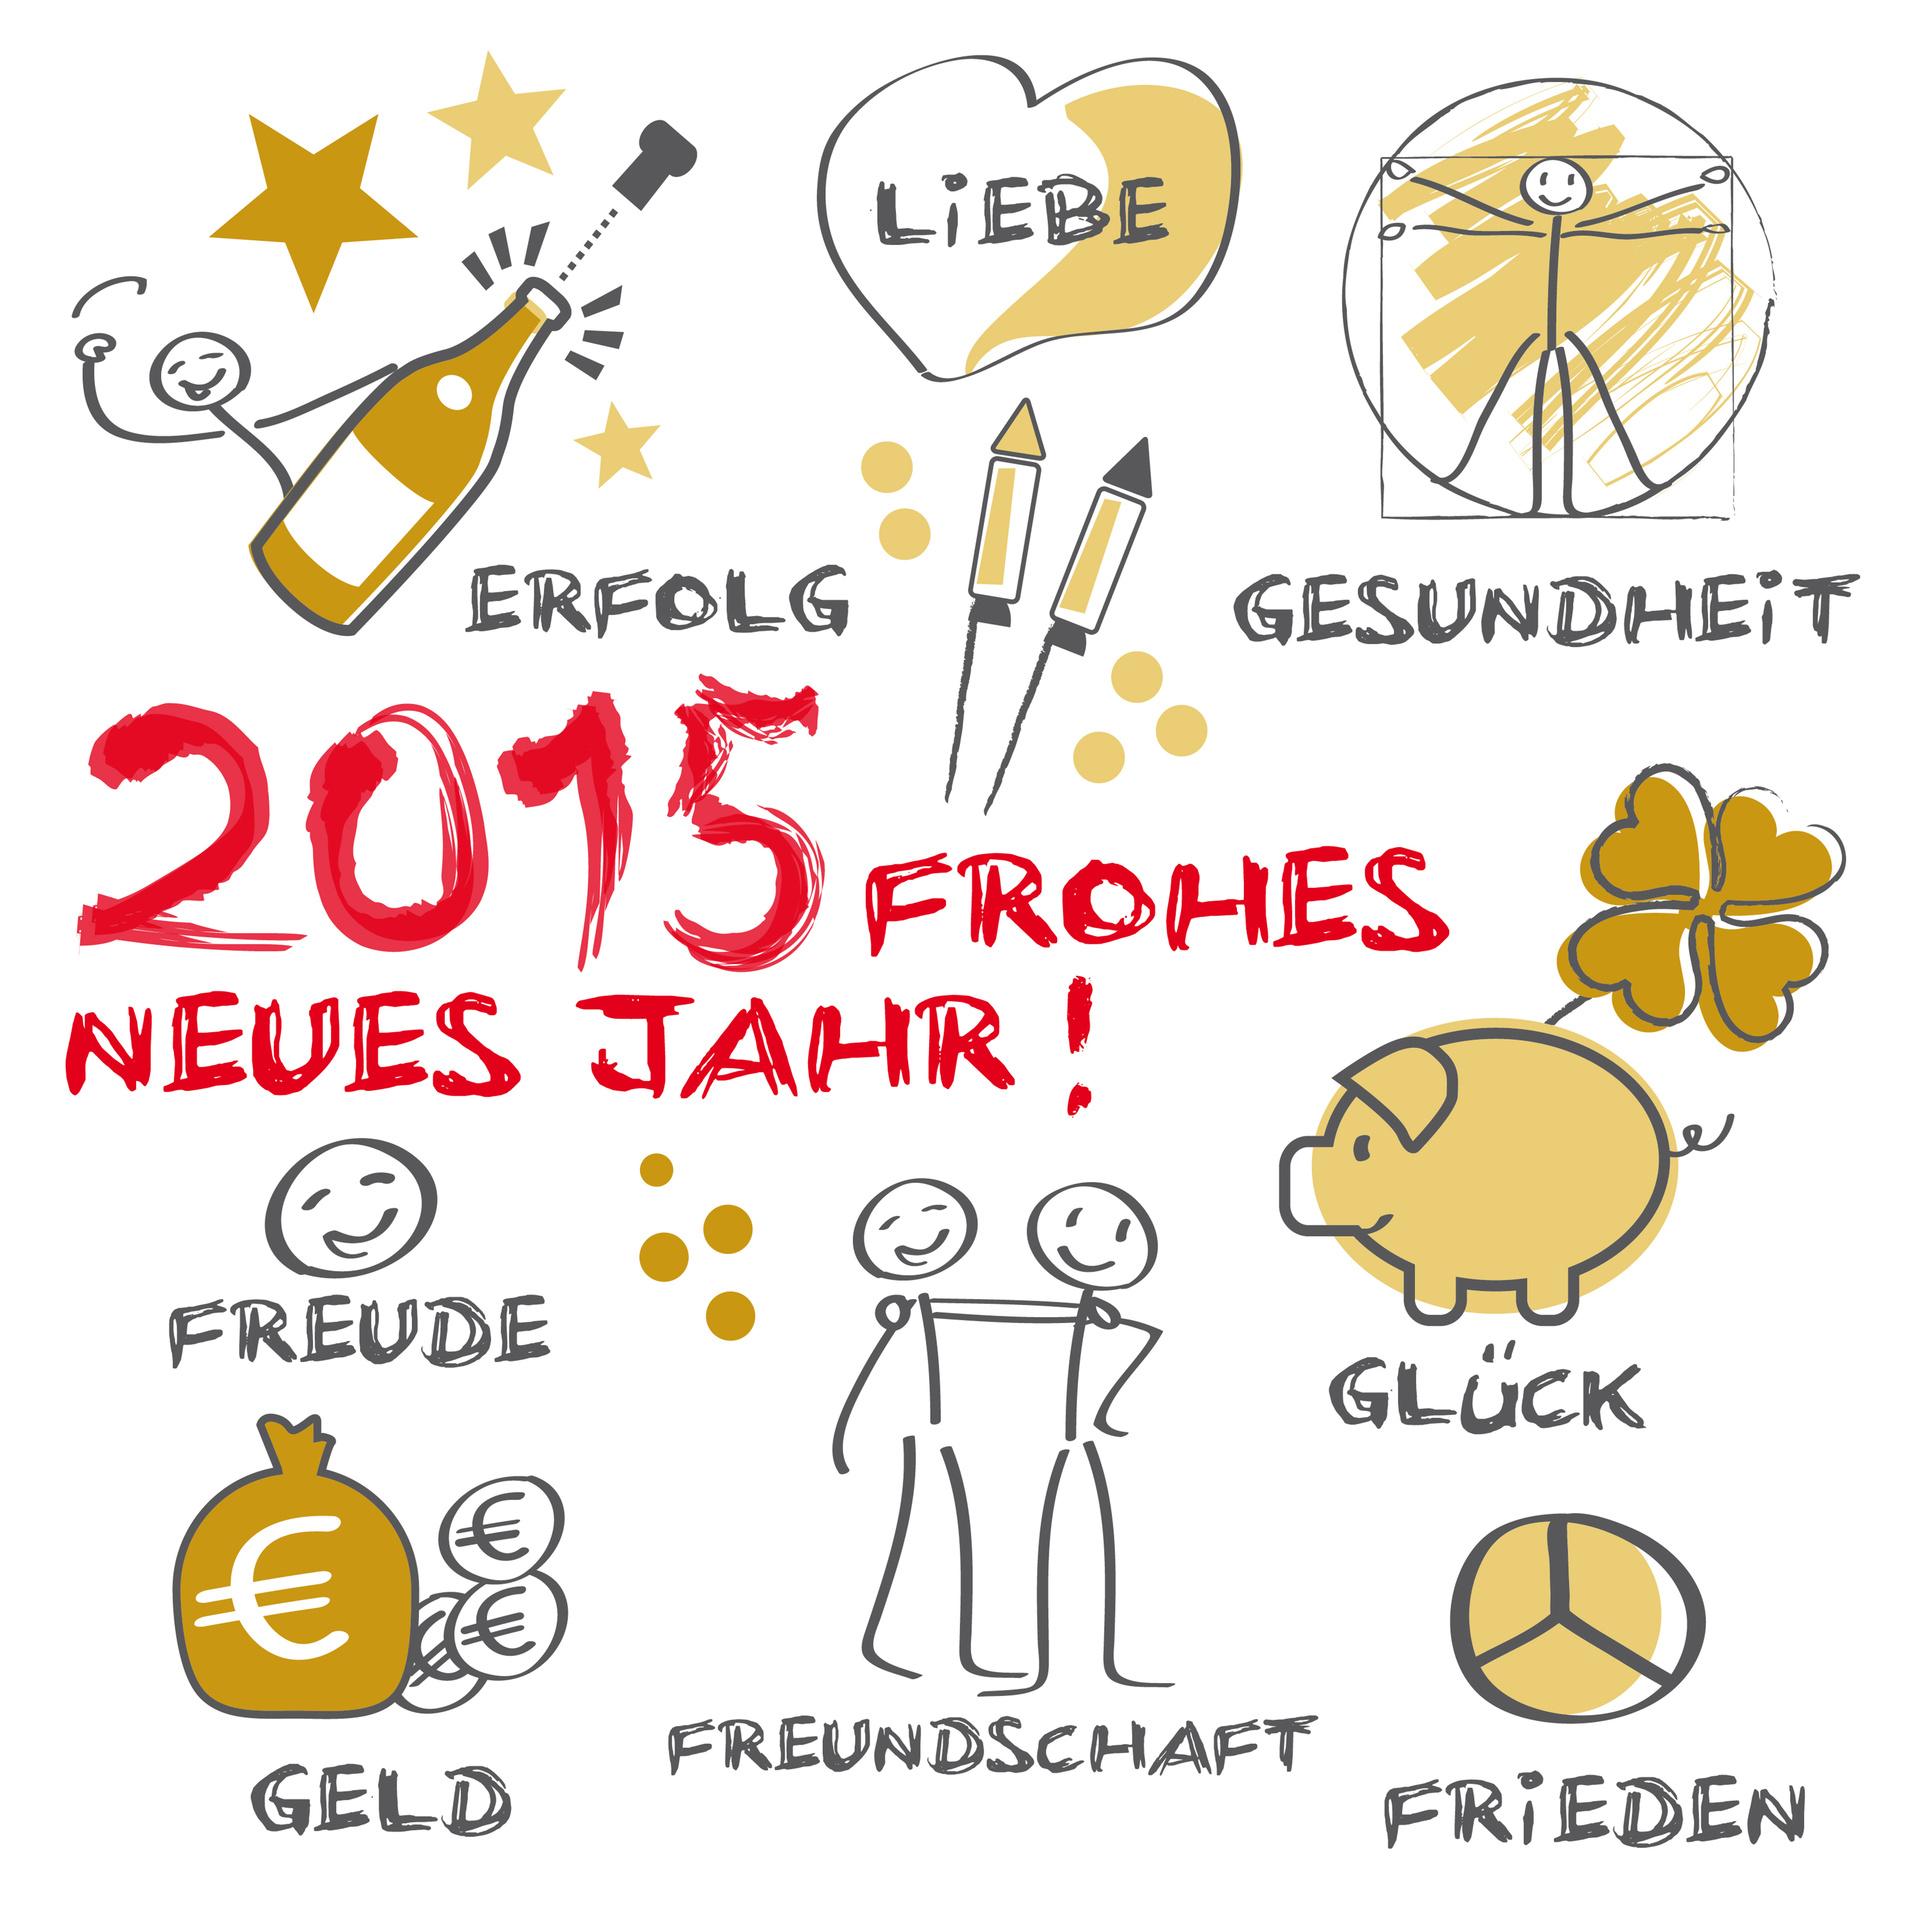 Frohes neues Jahr ! |